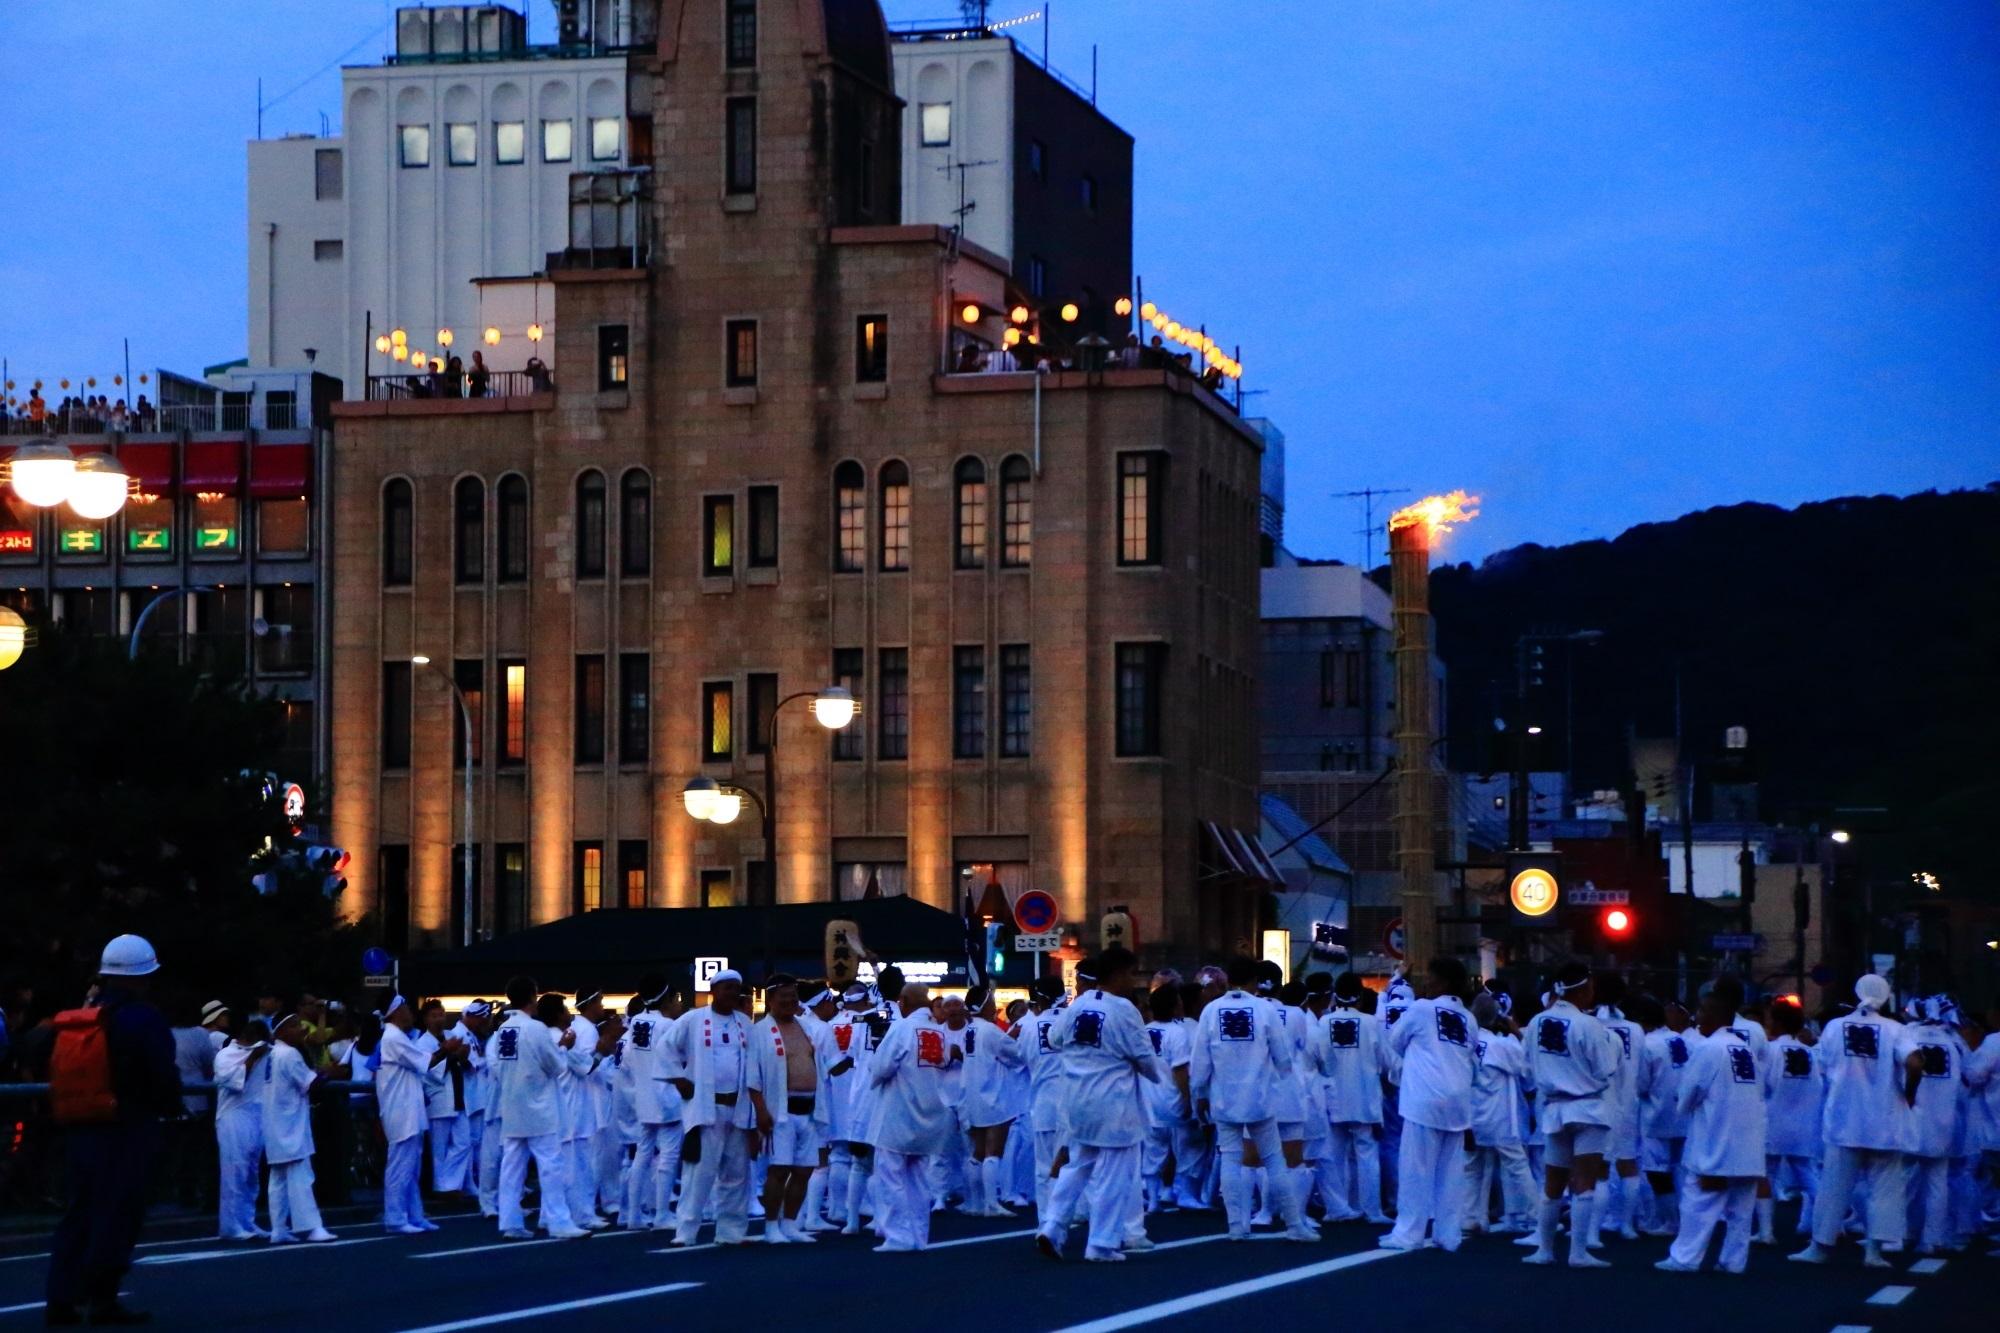 祇園祭 神輿洗・お迎提灯 清めの松明と鴨川